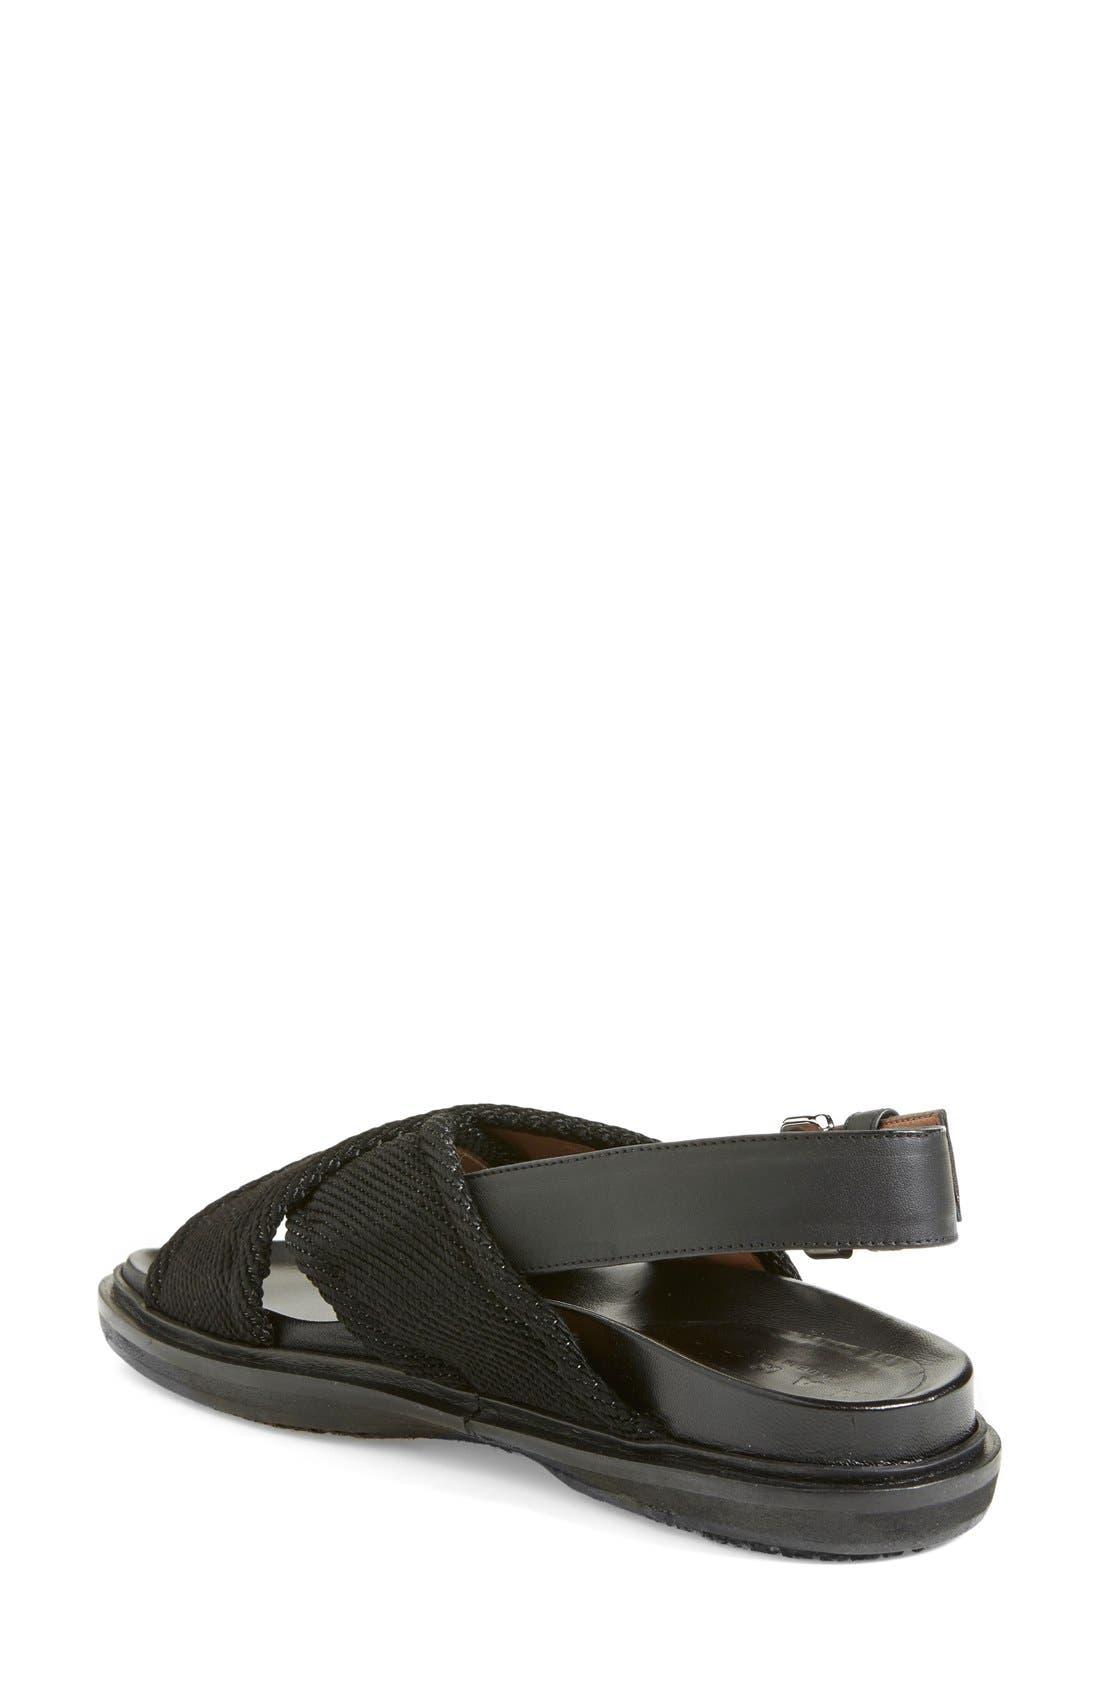 Alternate Image 2  - Marni 'Fussbett' Sandal (Women)